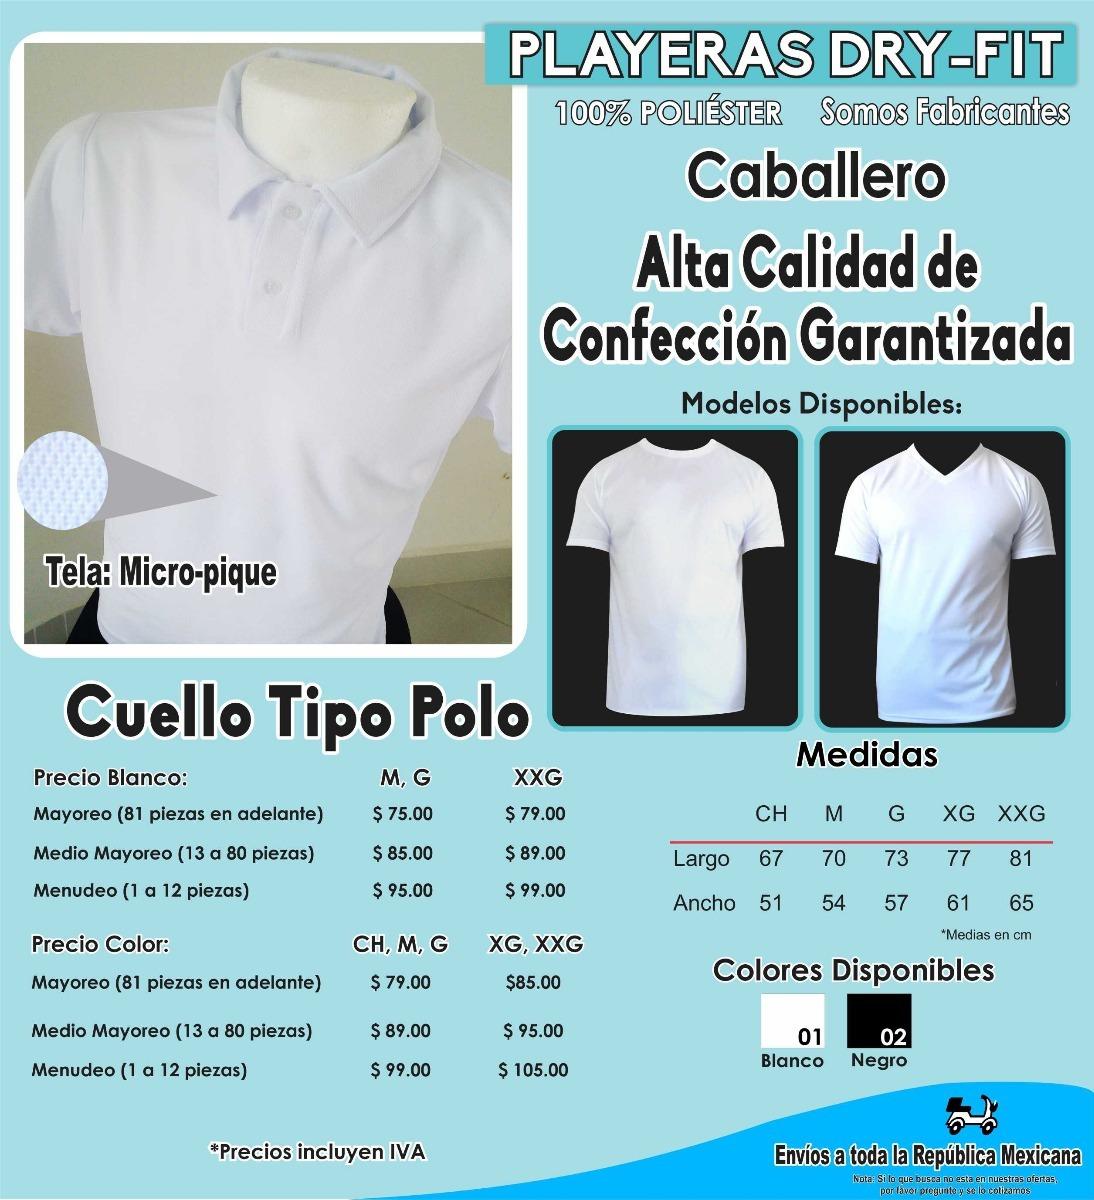 fa551c2c19f00 Playera Caballero Tipo Polo 100% Poliester Micro-pique -   95.00 en ...